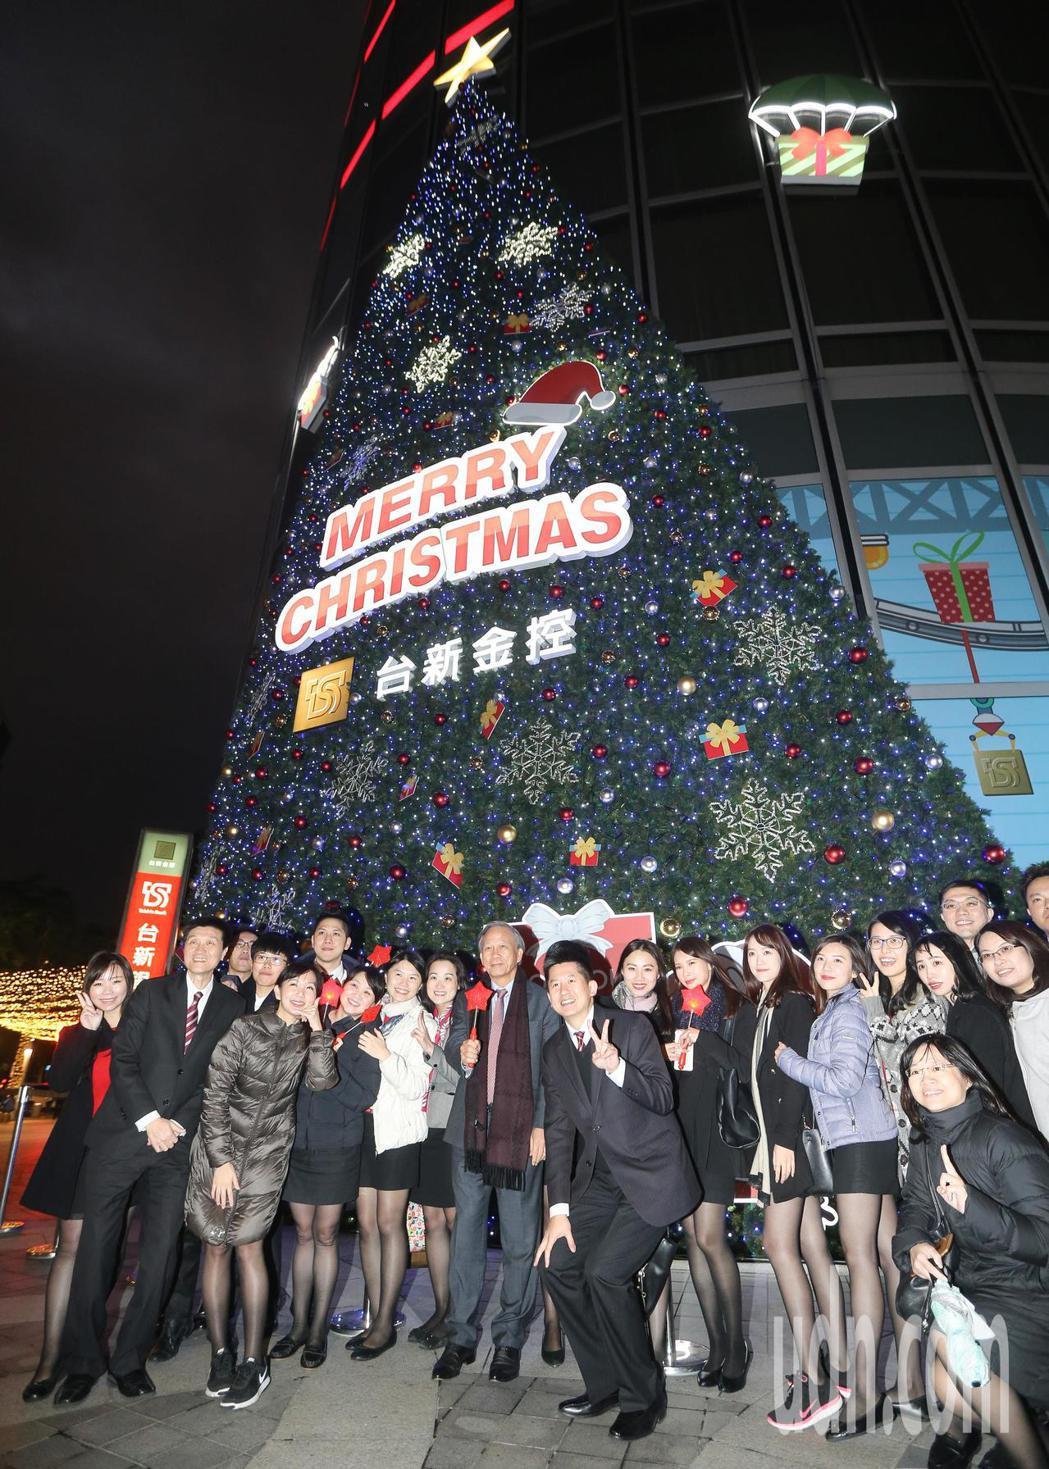 員工在點燈活動後與大樓外牆的聖誕樹裝飾合照。記者黃威彬/攝影